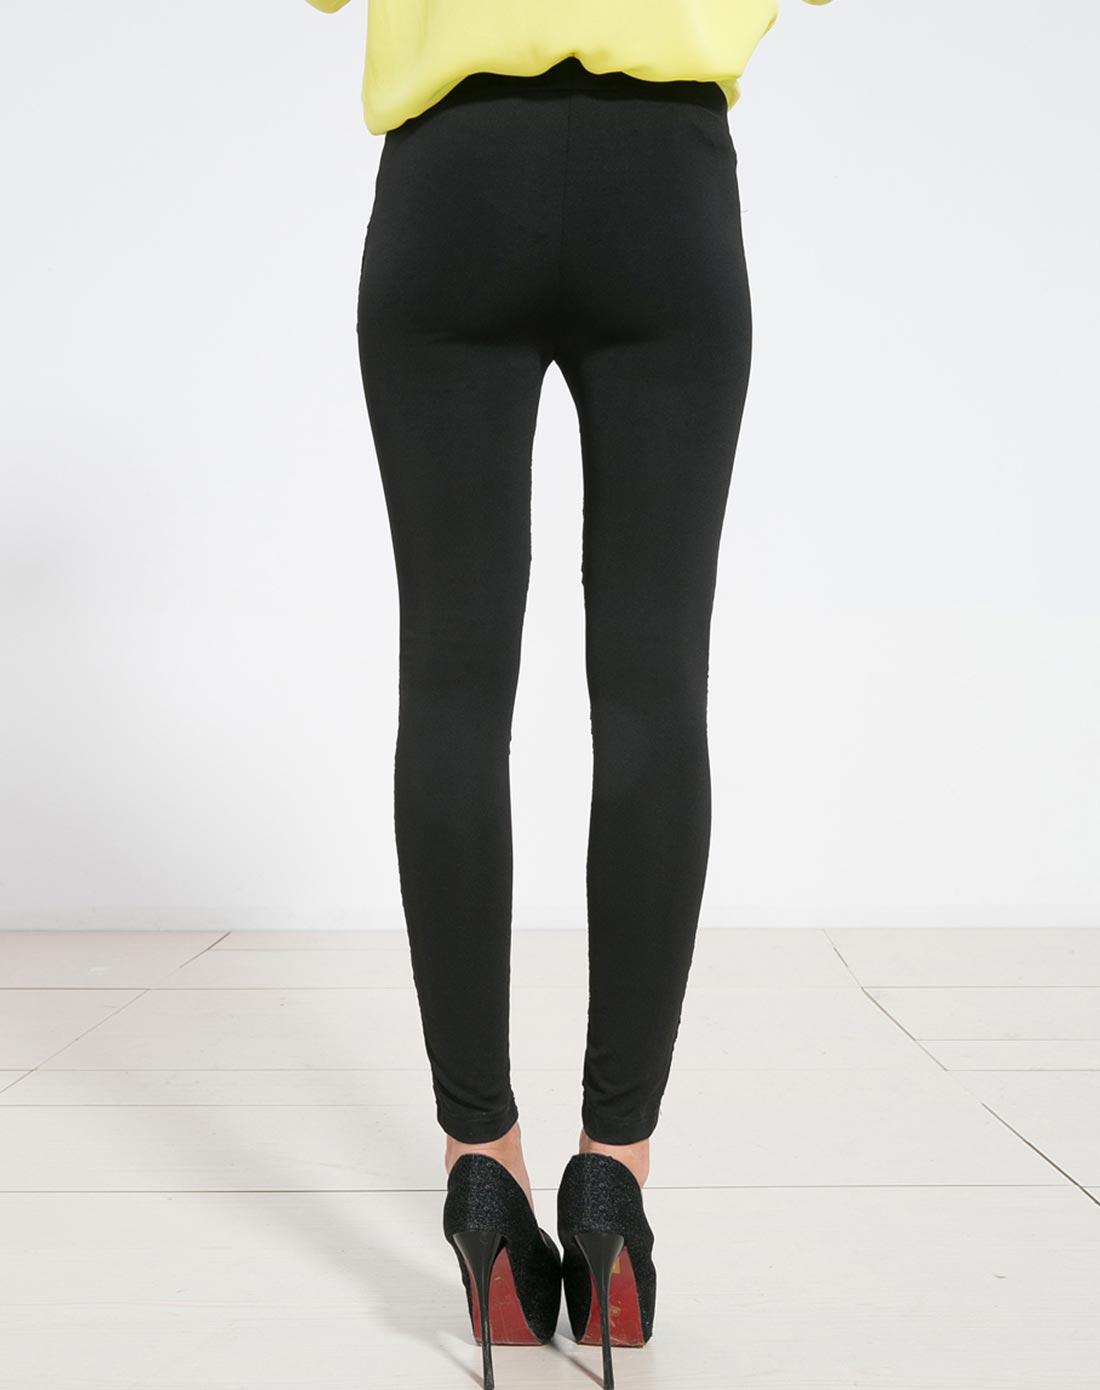 艾米拉aimila 黑色双料拼接松紧腰显瘦长裤